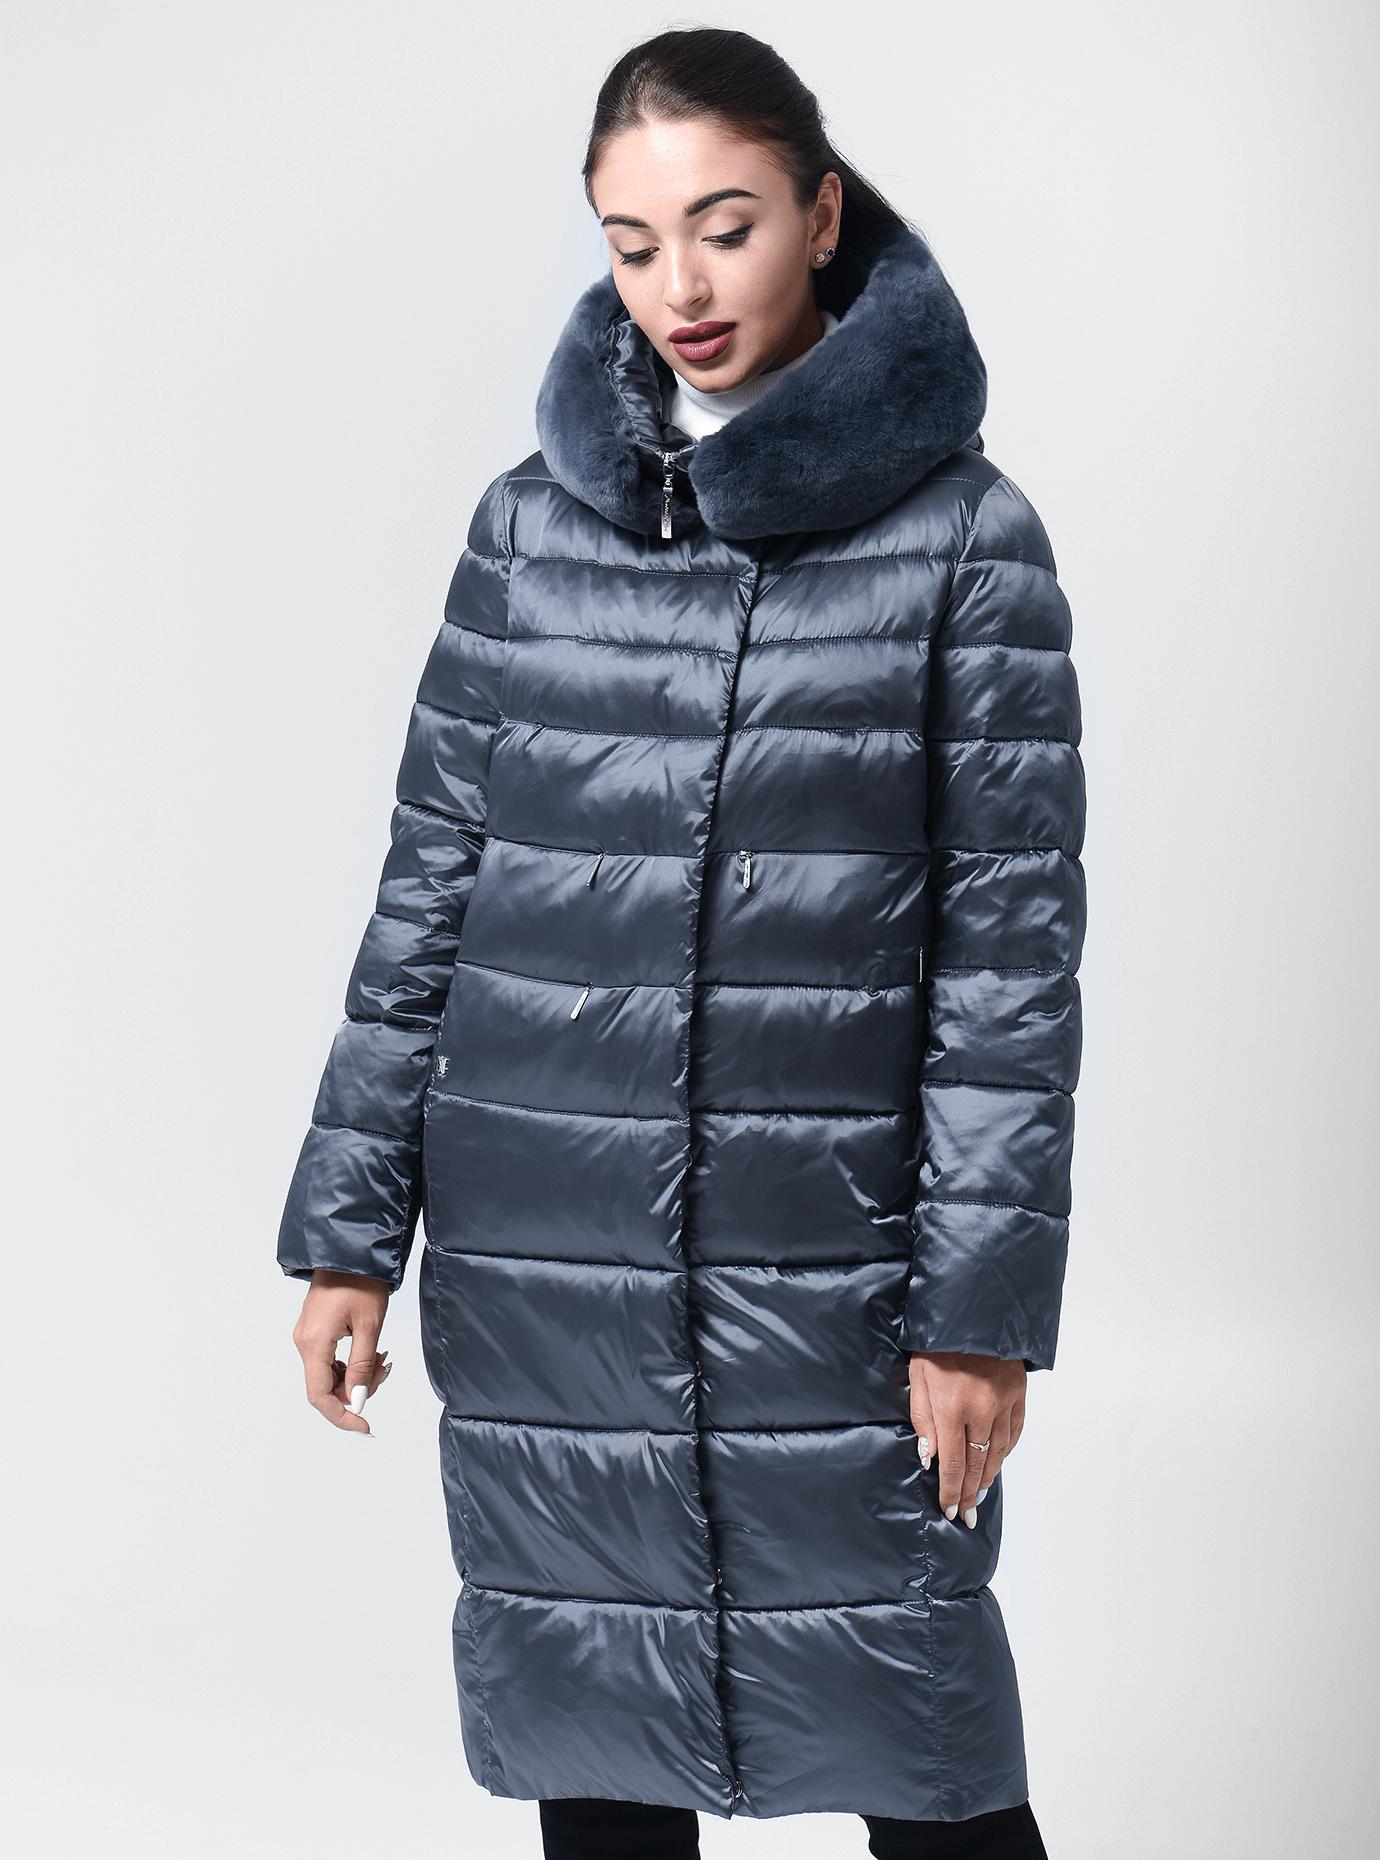 Куртка зимняя с воротником из меха кролика Серо-синий 42 (02-BF19179): фото - Alster.ua